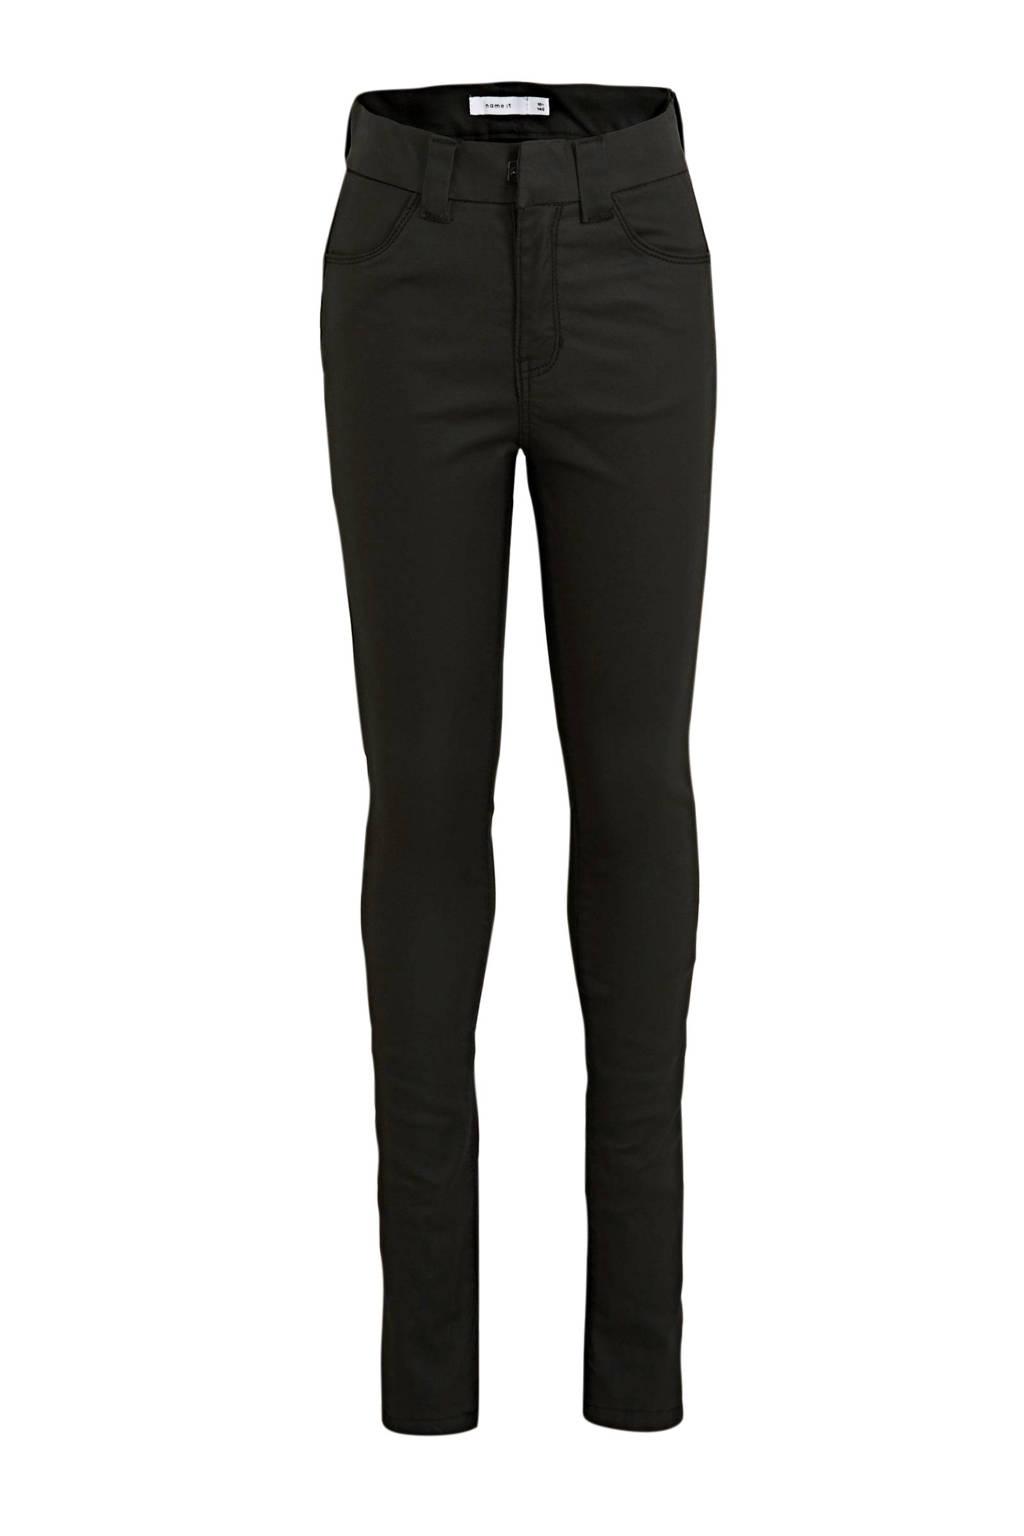 NAME IT KIDS skinny fit broek Polly zwart, Zwart